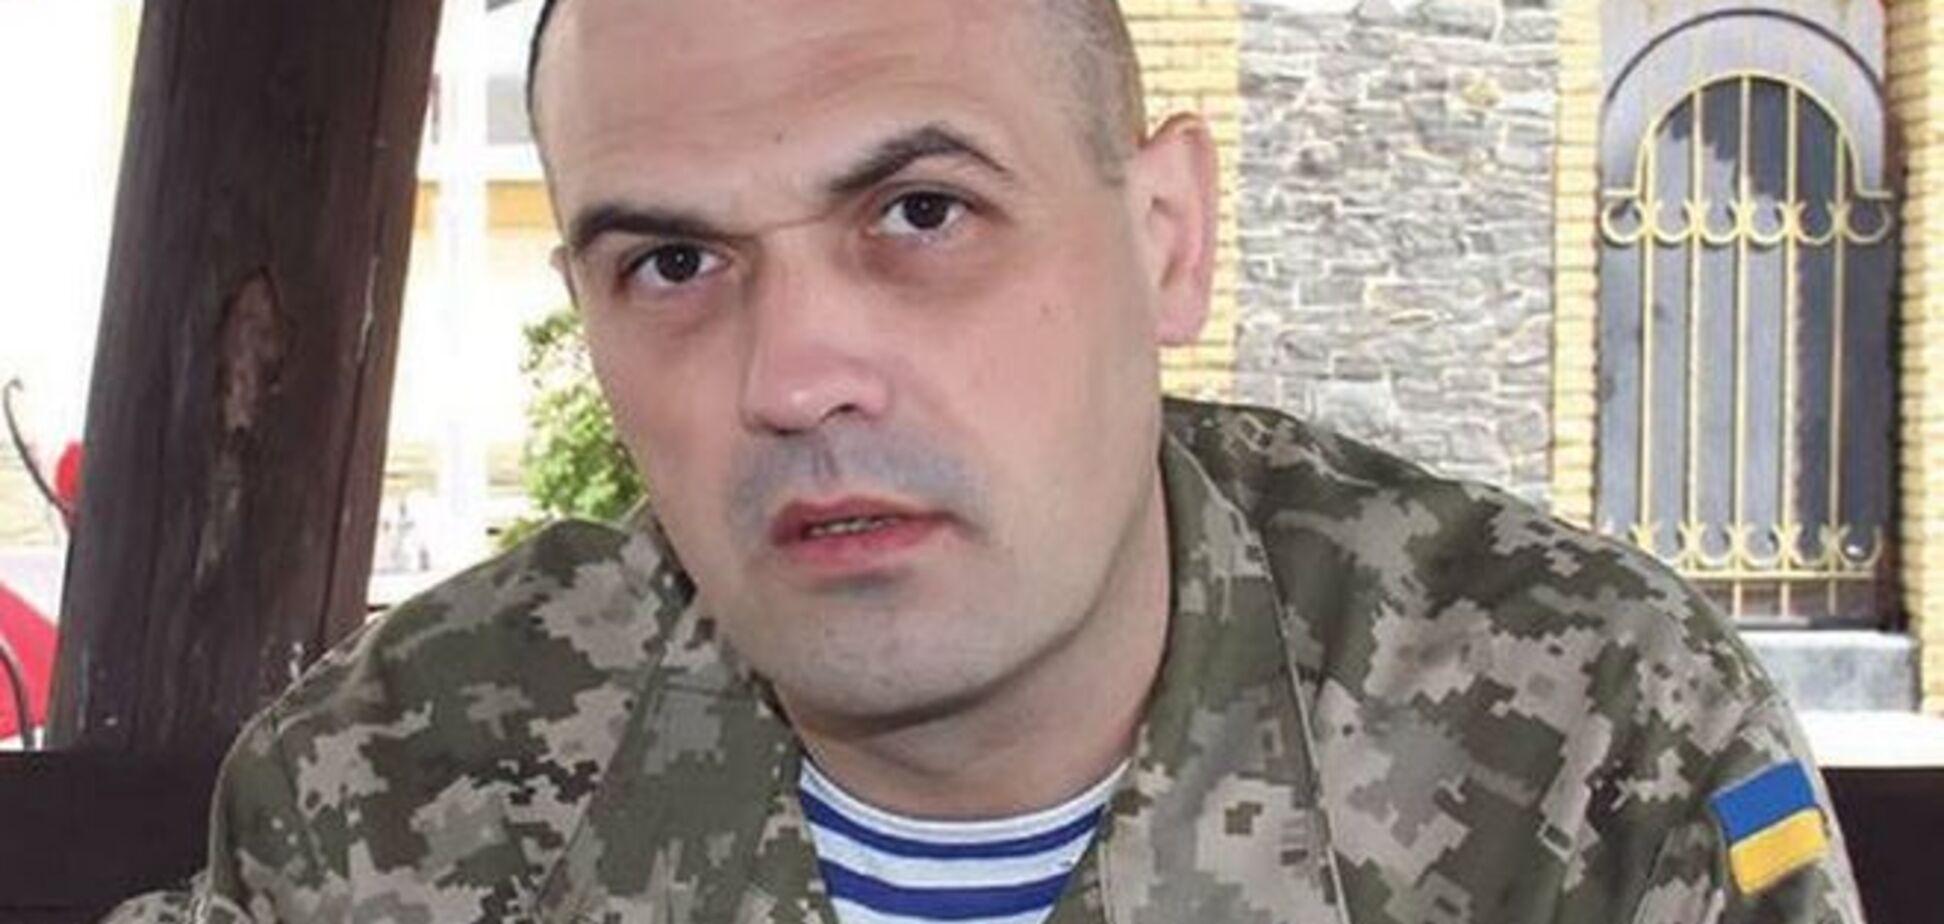 Кузьминых: в плену мне промывали мозг, что Украина меня забыла